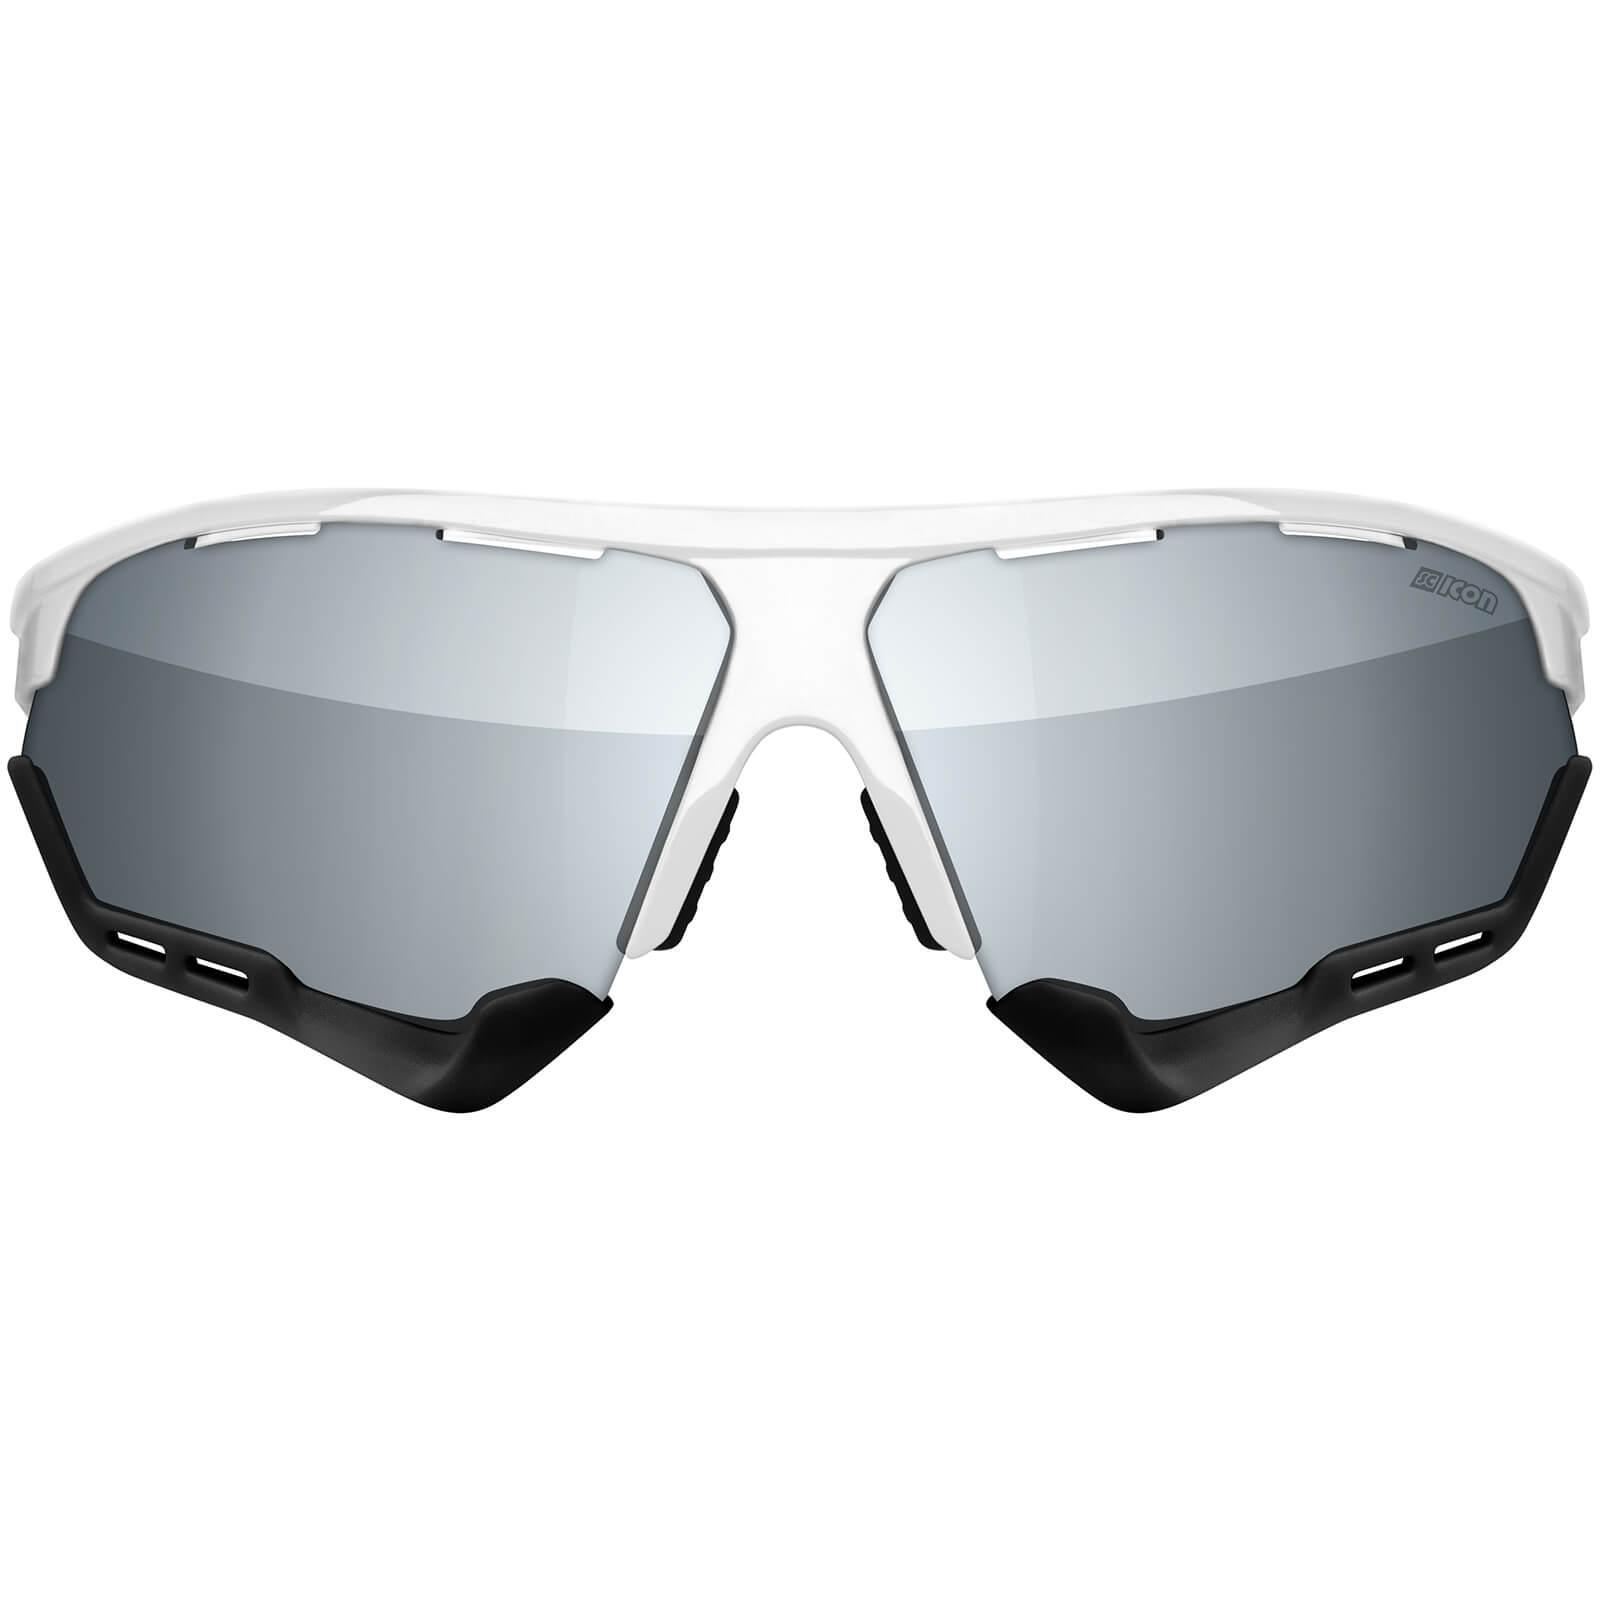 Scicon Aerocomfort Xl Road Sunglasses - White Gloss - Multilaser Silver